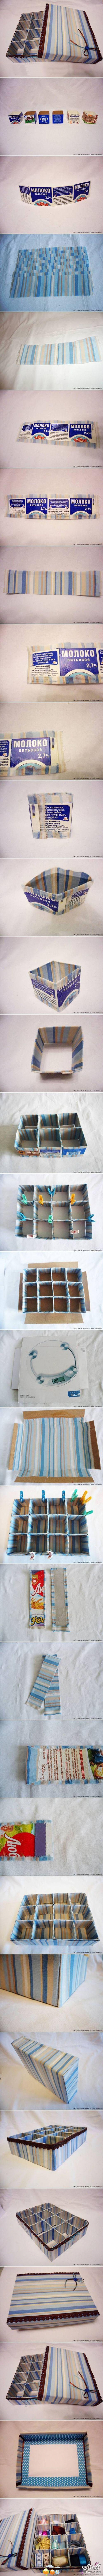 [صور] اعمال يدوية بسيطة لتزين المنزل 2014 13877502215.jpg